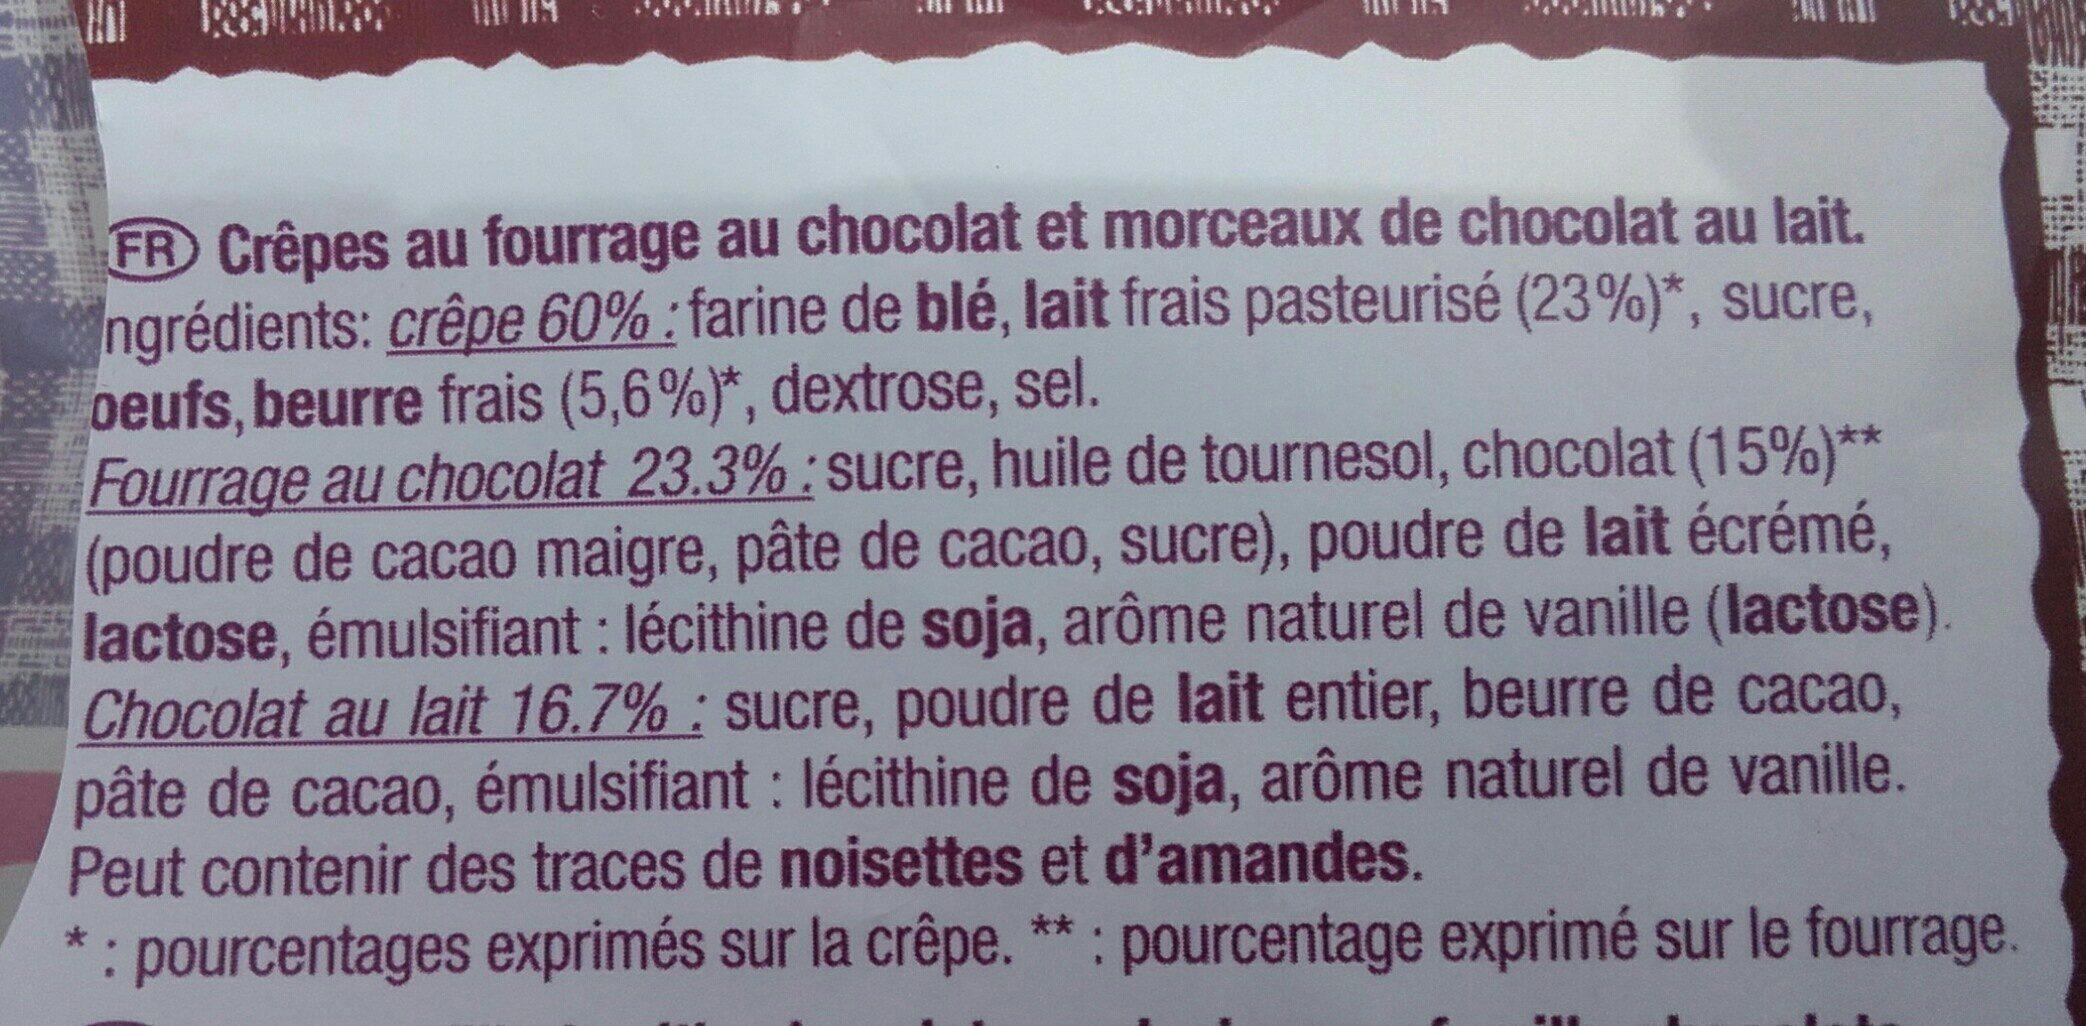 Crêpes fourrées au chocolat - Ingrédients - fr